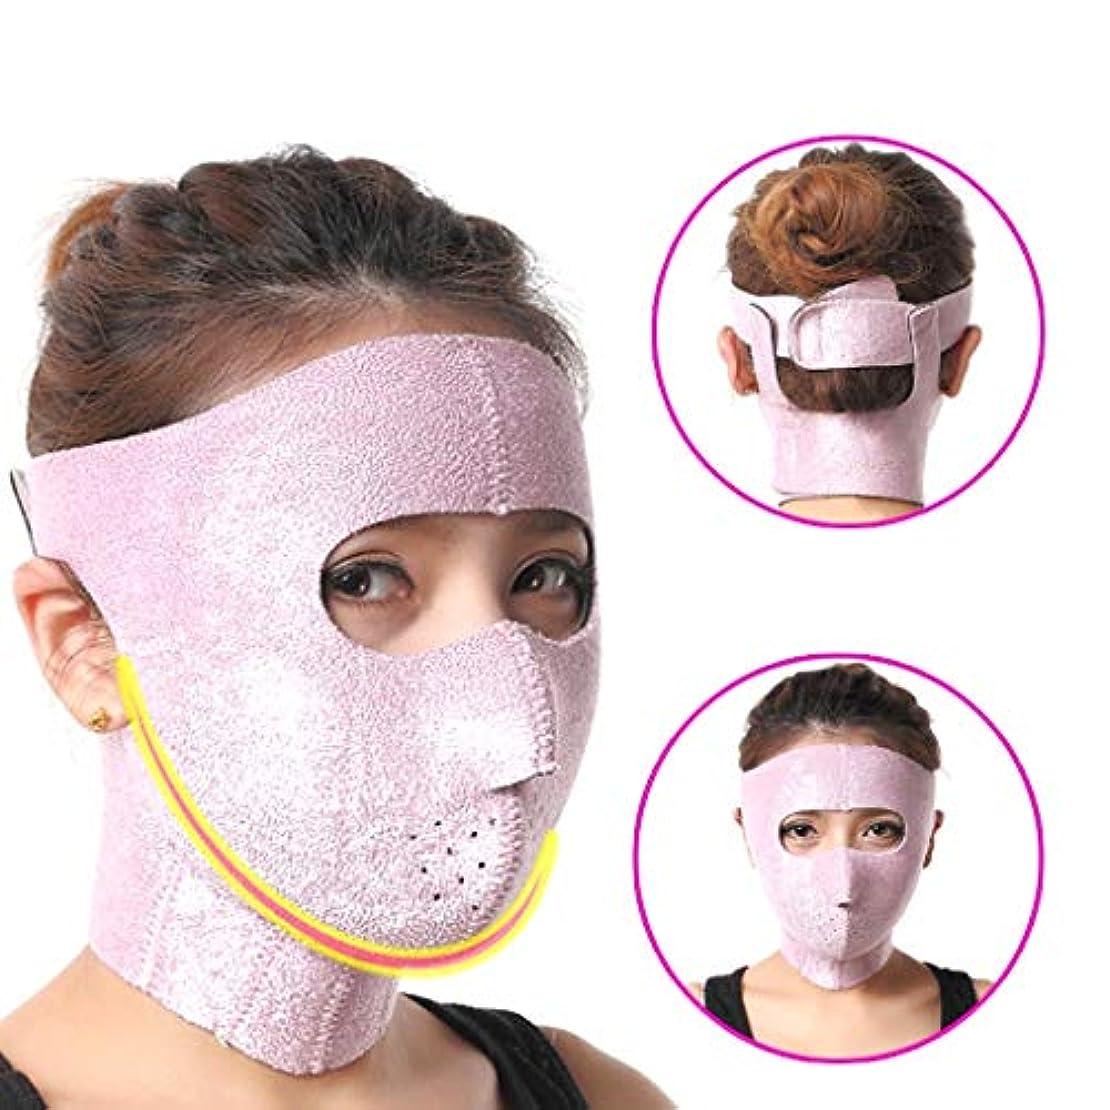 傷跡宴会比較薄いあご修正ツール、顔リフティングマスク、リフティングファーミング、Vフェイシャルマスク、改良された咬筋二重あご、男性と女性の両方に適しています